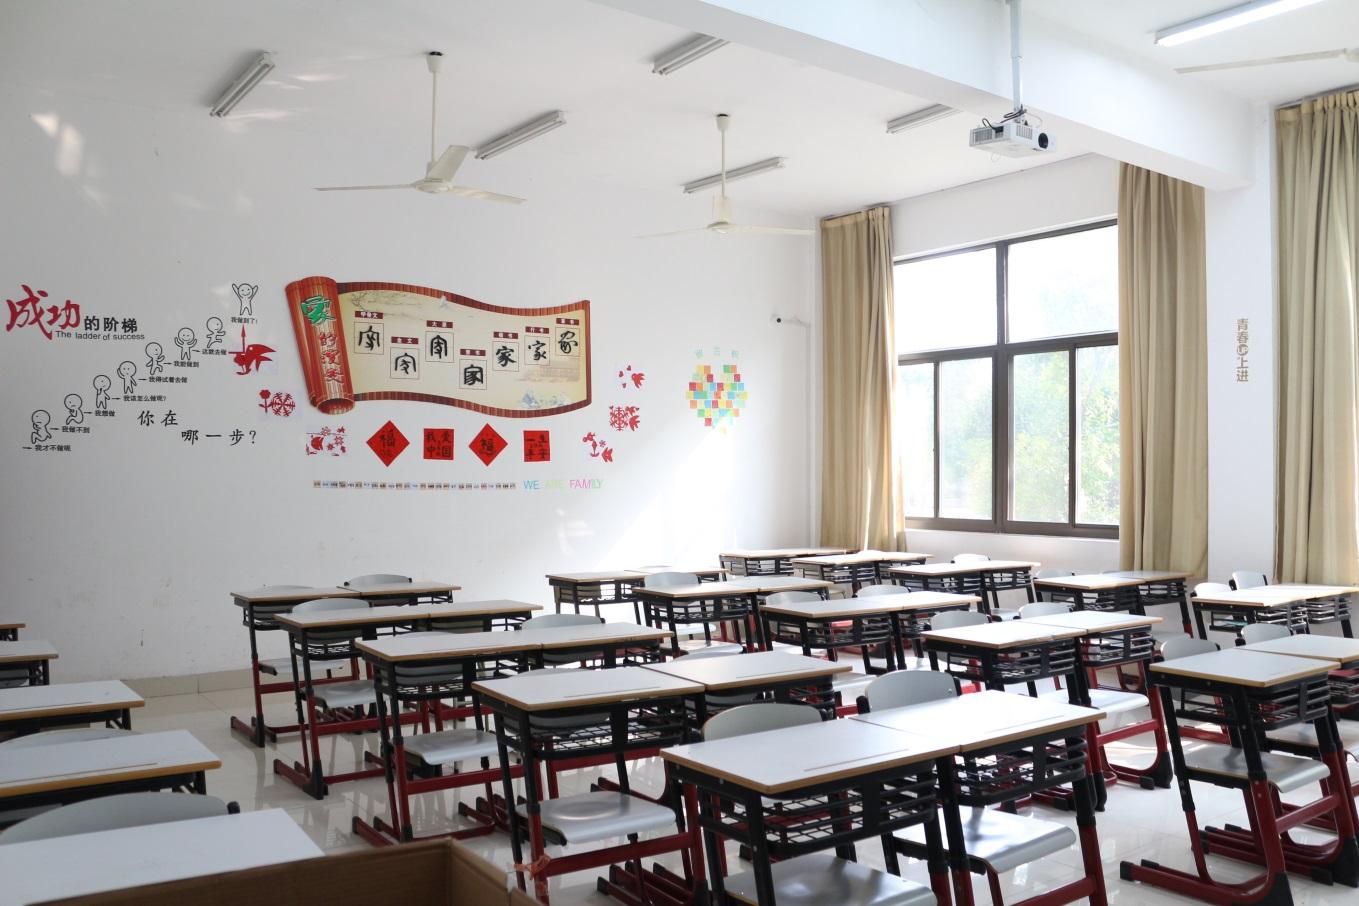 留学生教育学院第二届教室 宿舍美化大赛顺利举办图片